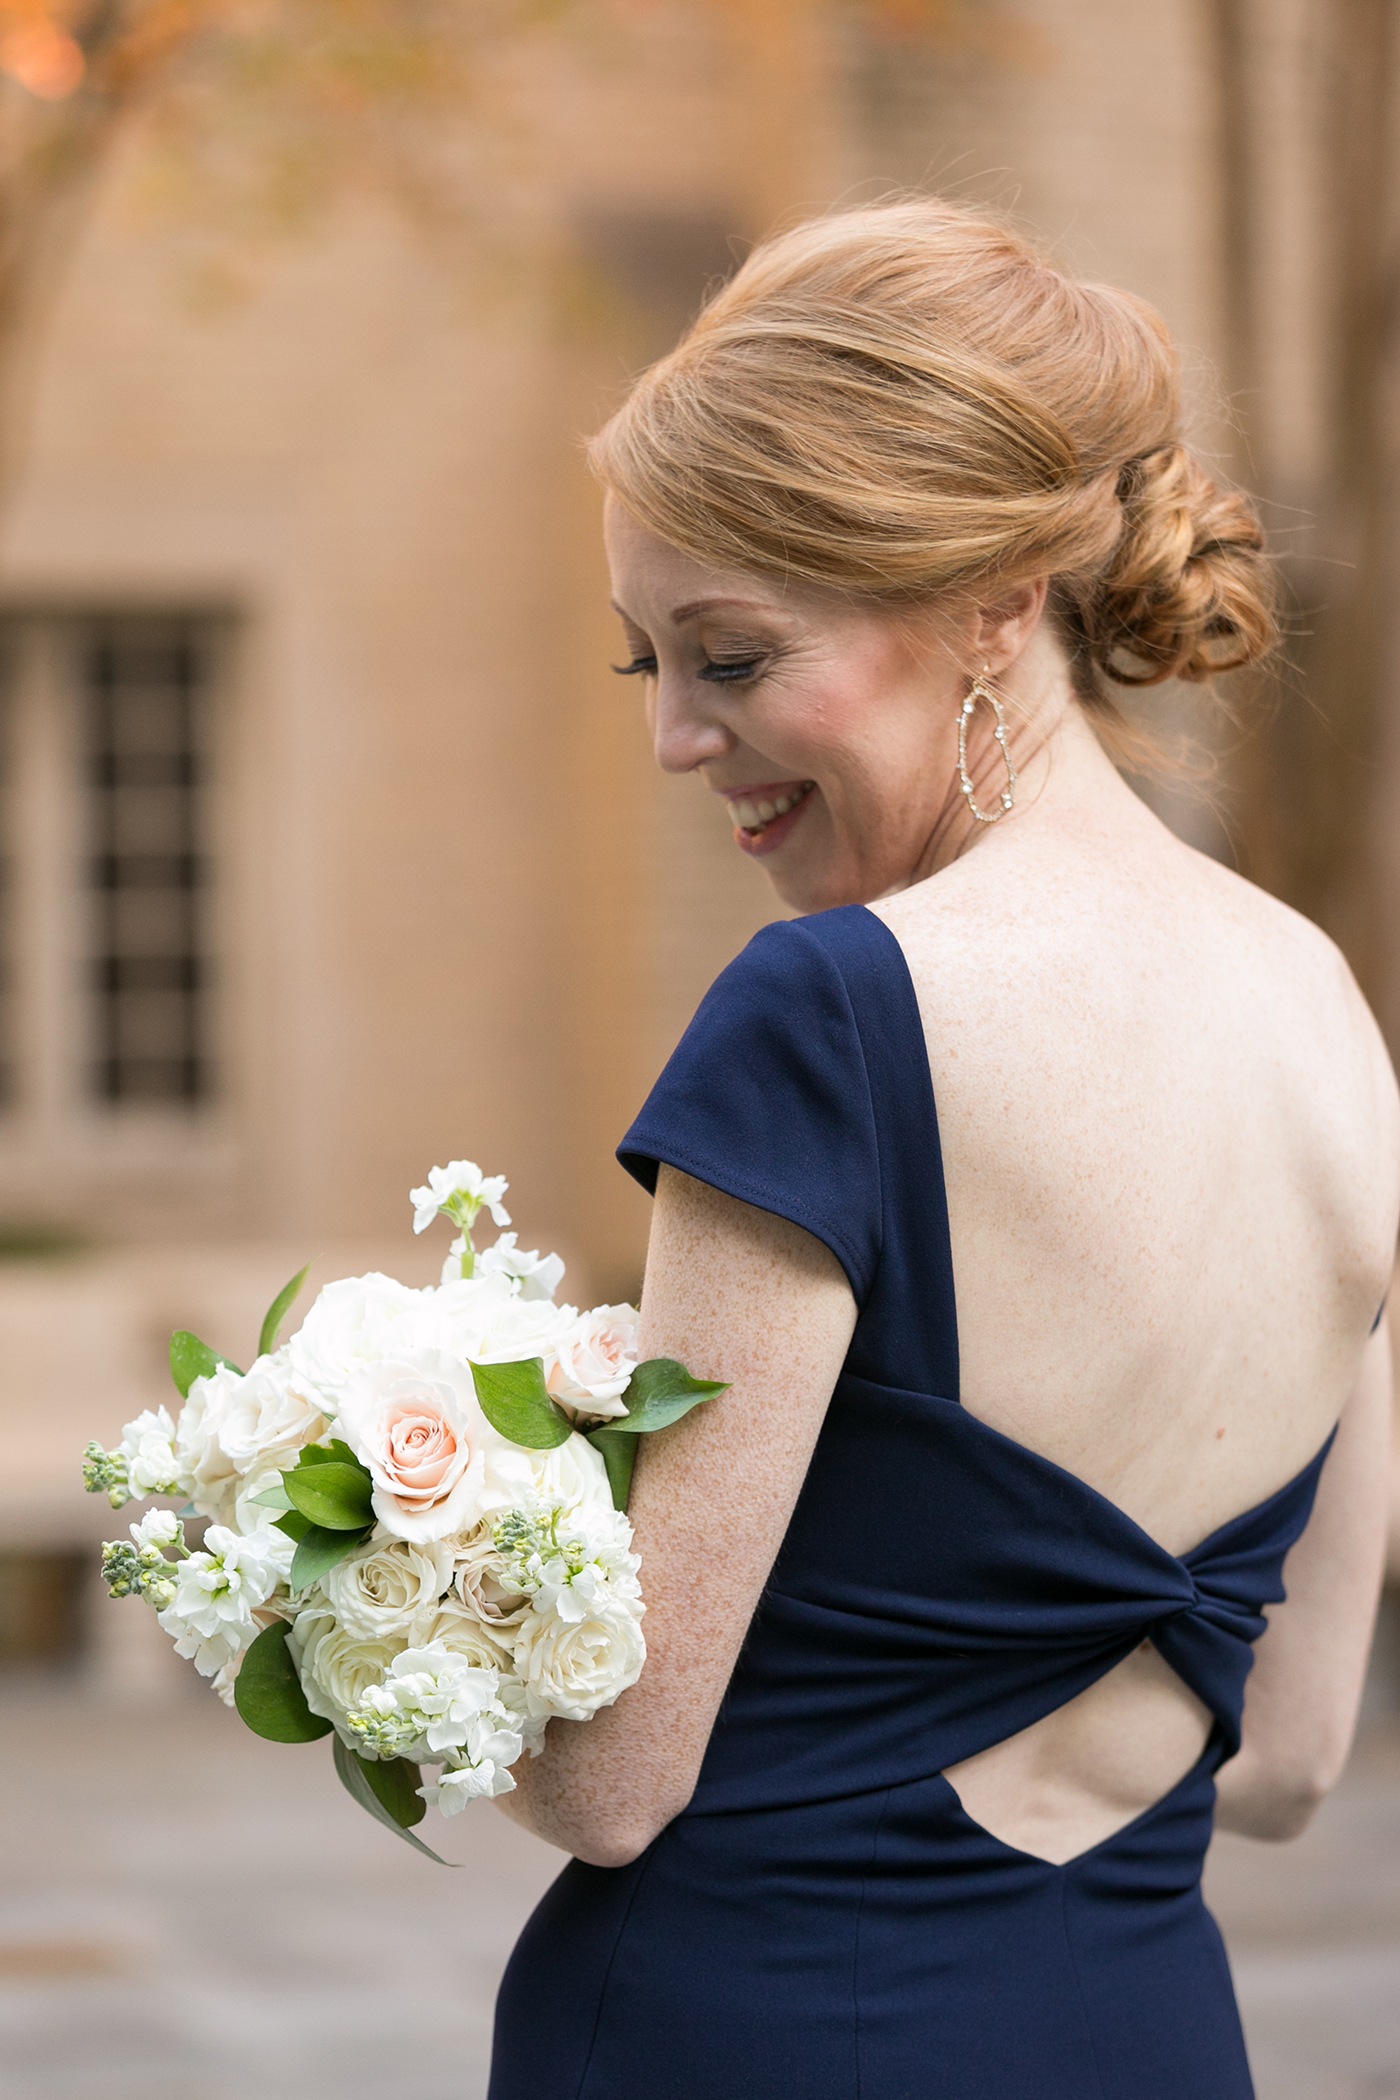 Dallas Wedding Planner - Allday Events - Classic Wedding at Dallas Scottish Rite - 36.jpg